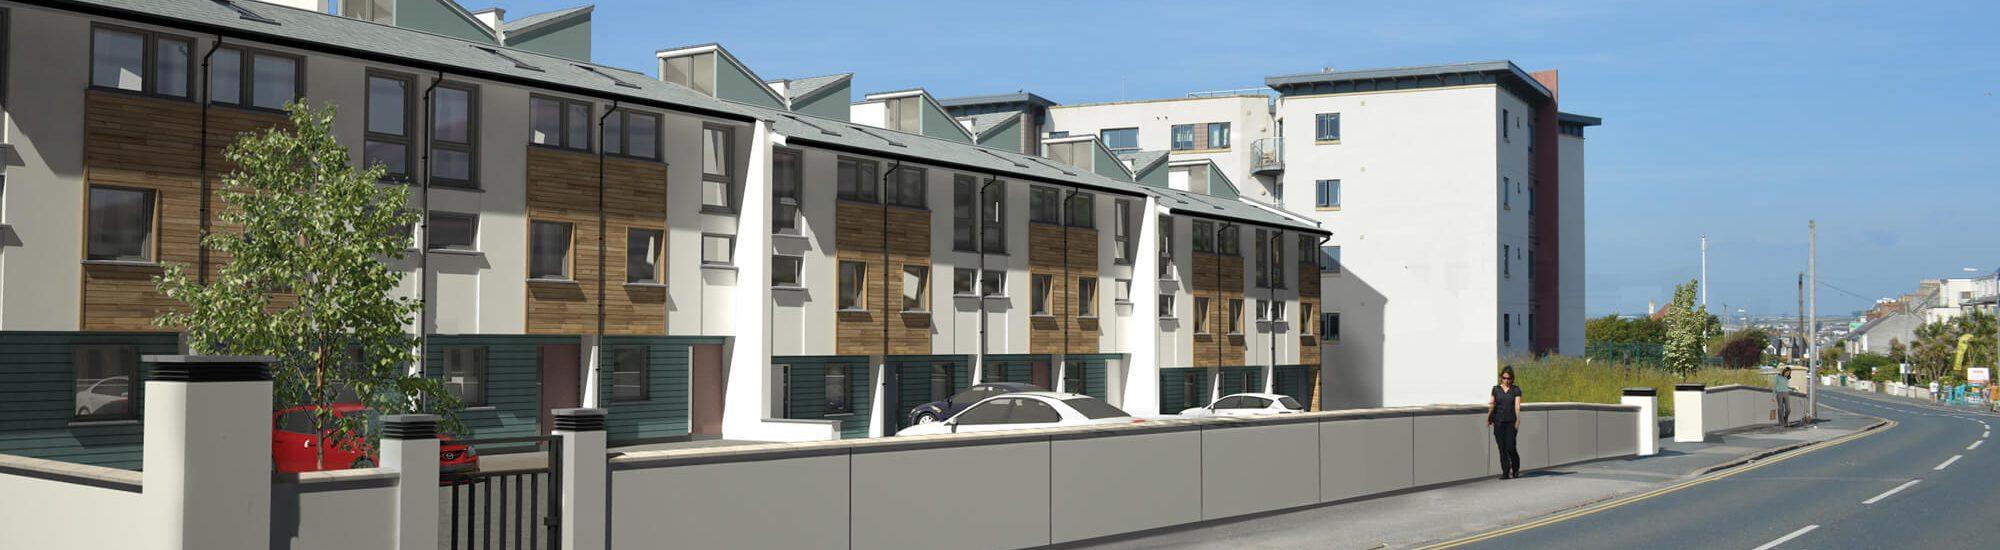 quay court development external 2000x550 - Quay Court